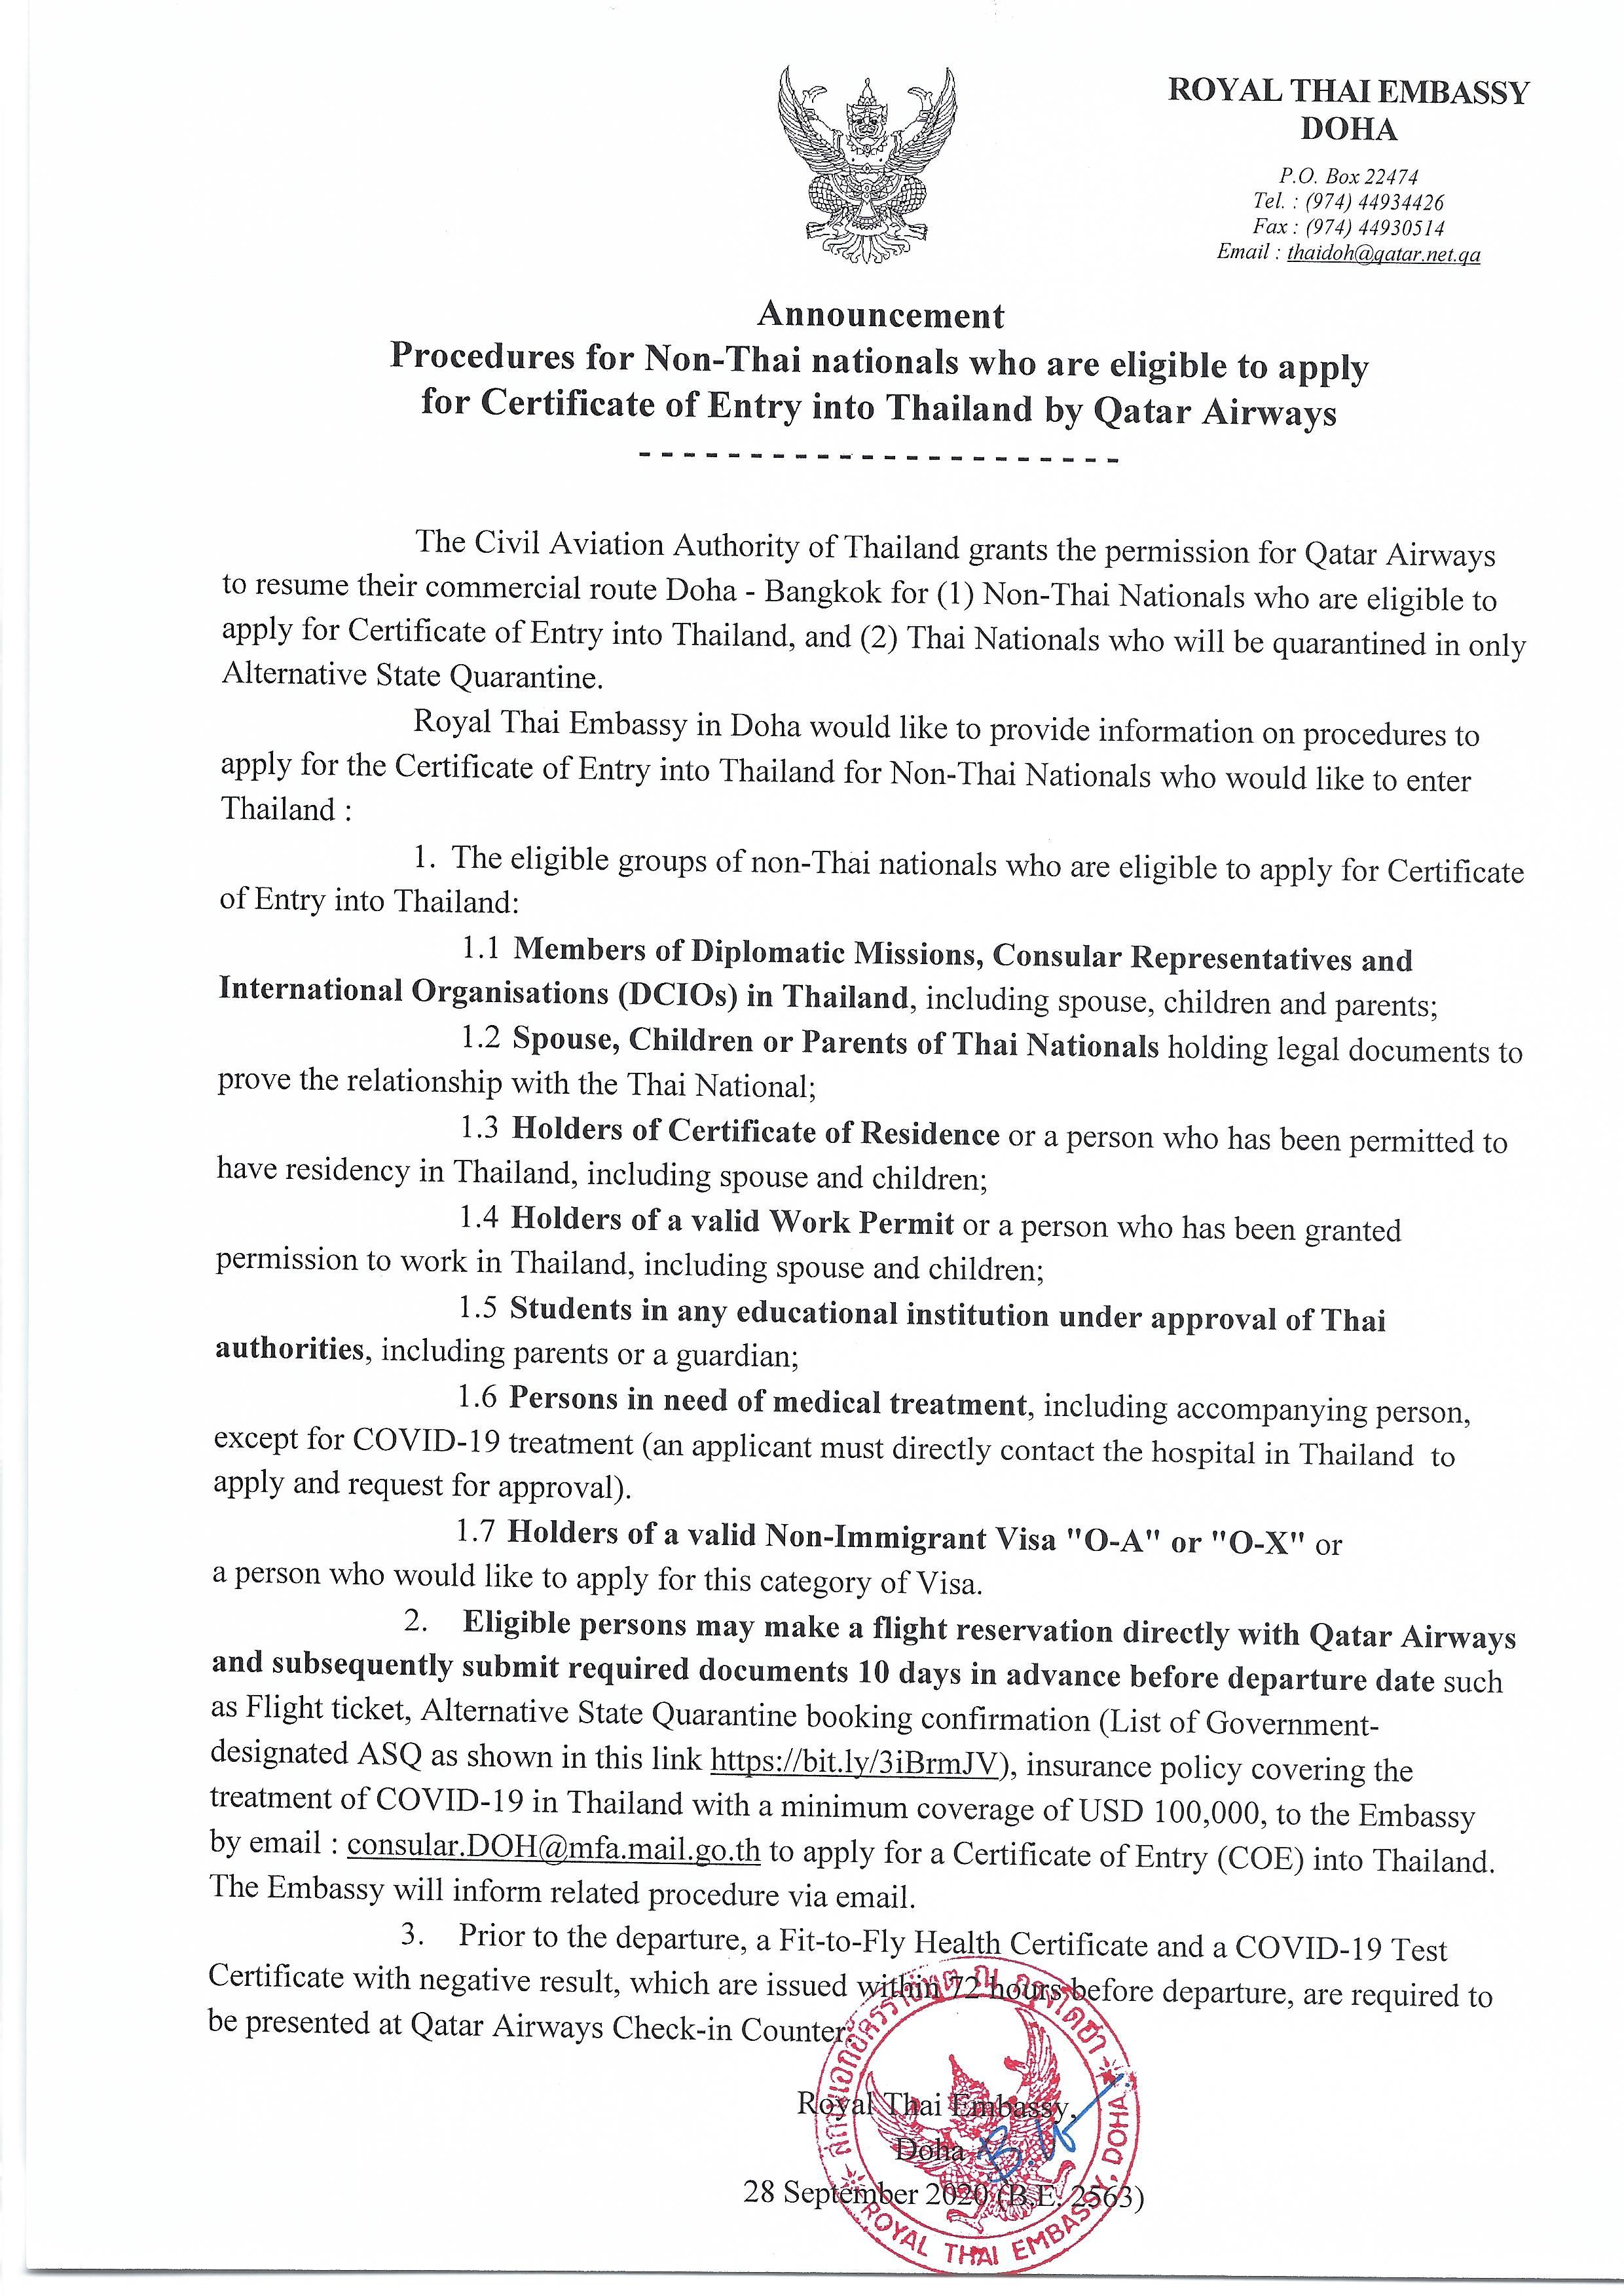 Announcement_QR_procedure_for_non_thai_nationals